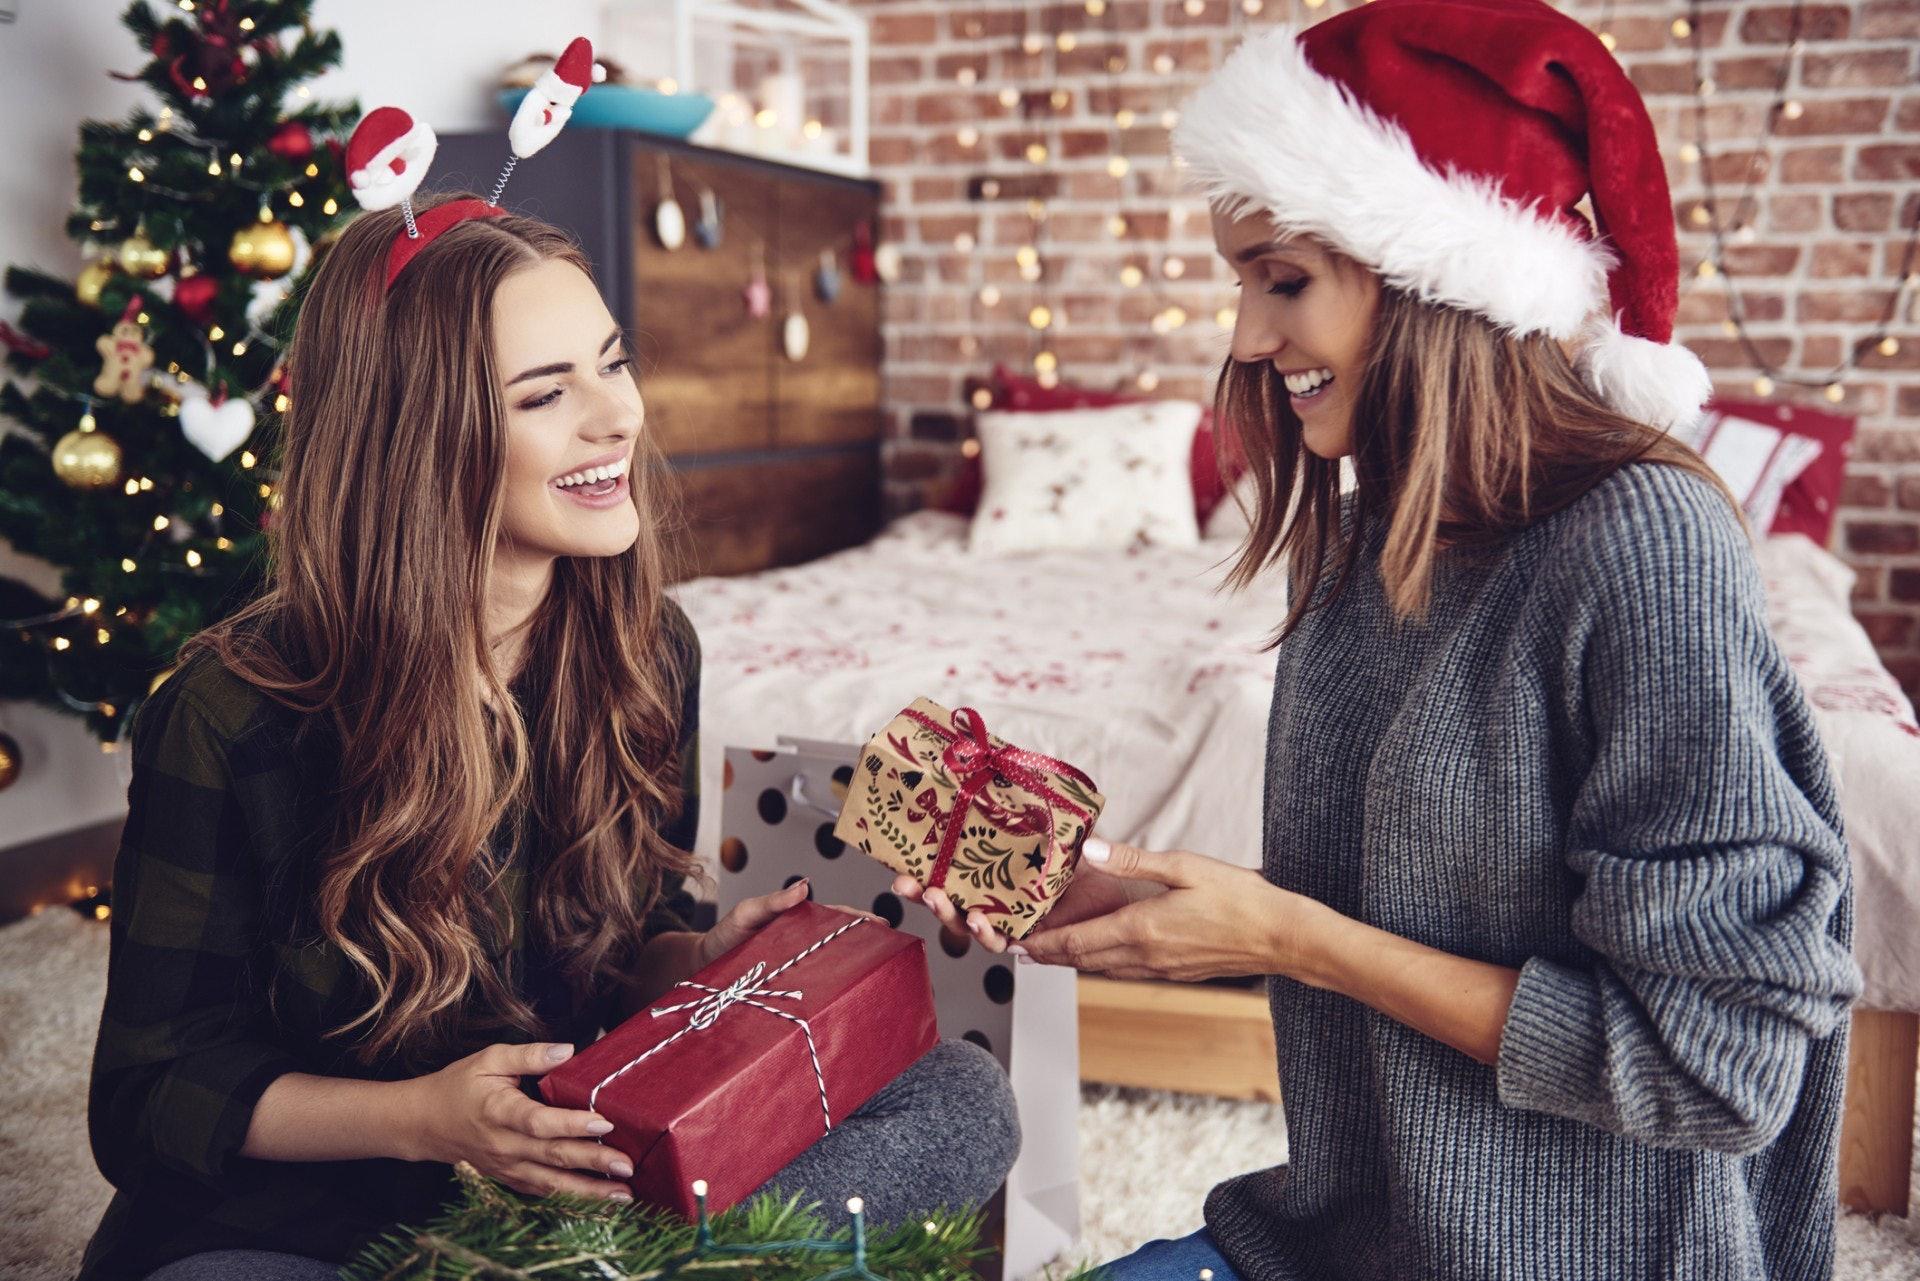 聖誕節快到,選擇禮物到聖誕派對交換,是令不少人煩惱的問題。(Getty Images/視覺中國)